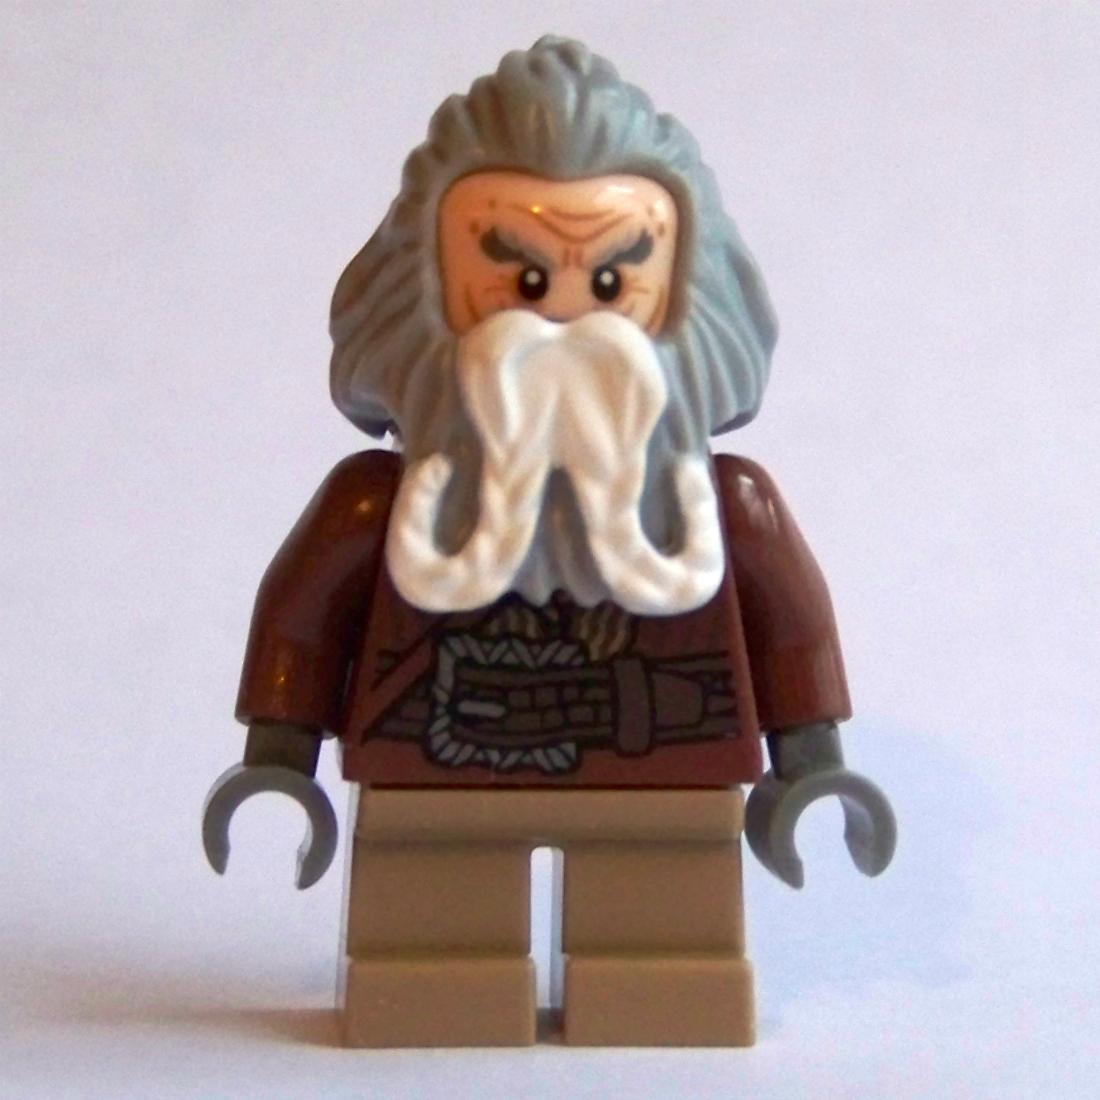 Hobbit LEGO dwarf Oin